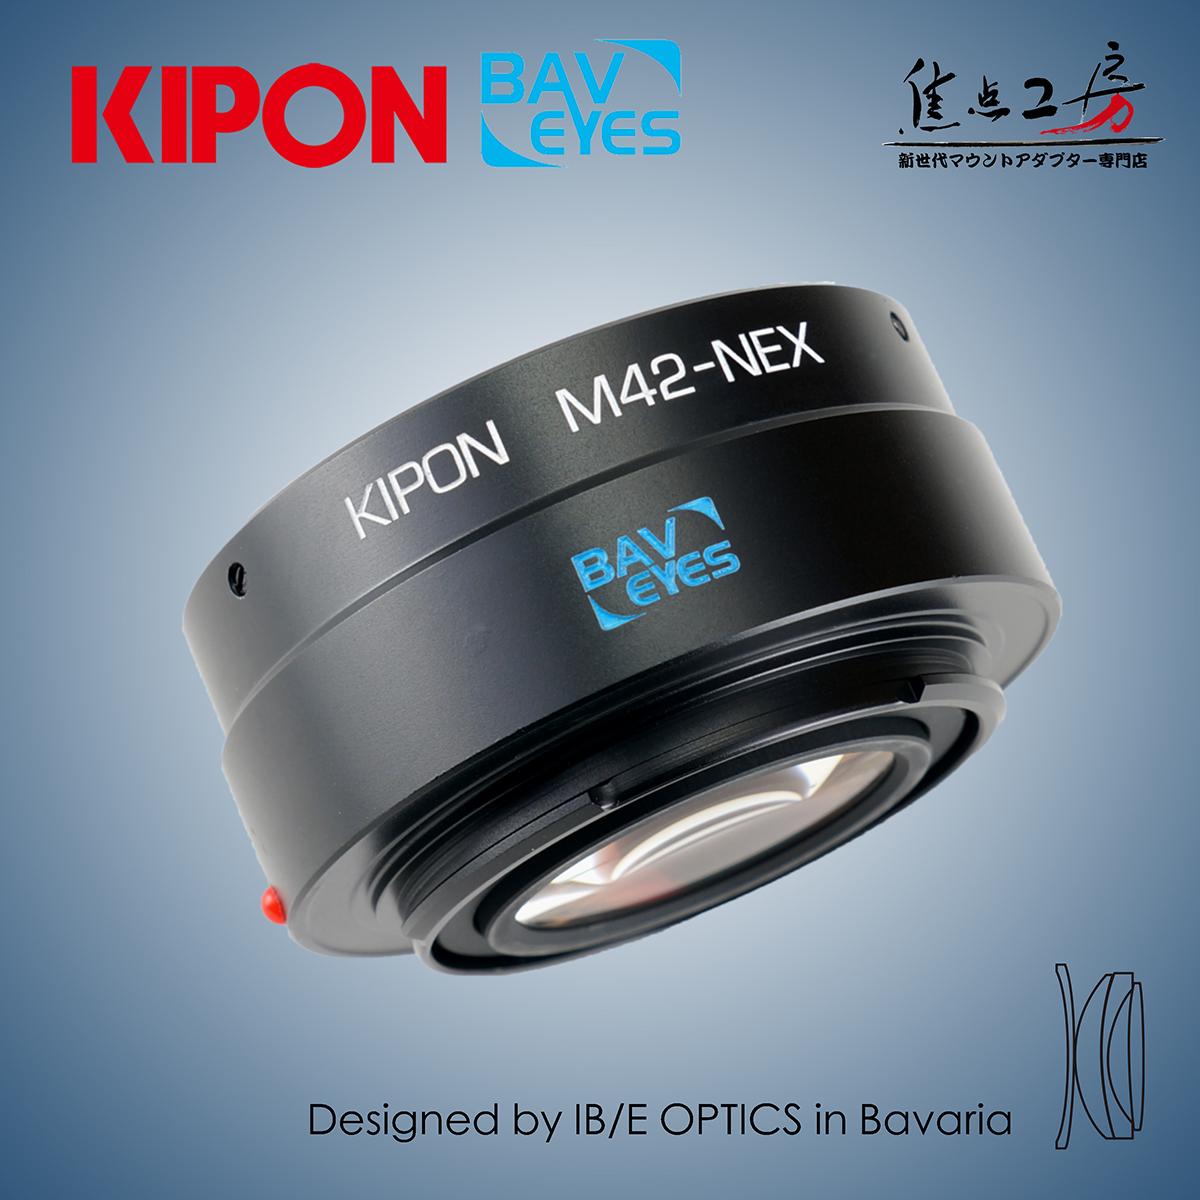 マウントアダプター KIPON BAVEYES M42-S/E 0.7x (M42-NEX 0.7x) M42マウントレンズ - ソニーNEX/α.Eマウント フォーカルレデューサーカメラ 0.7x